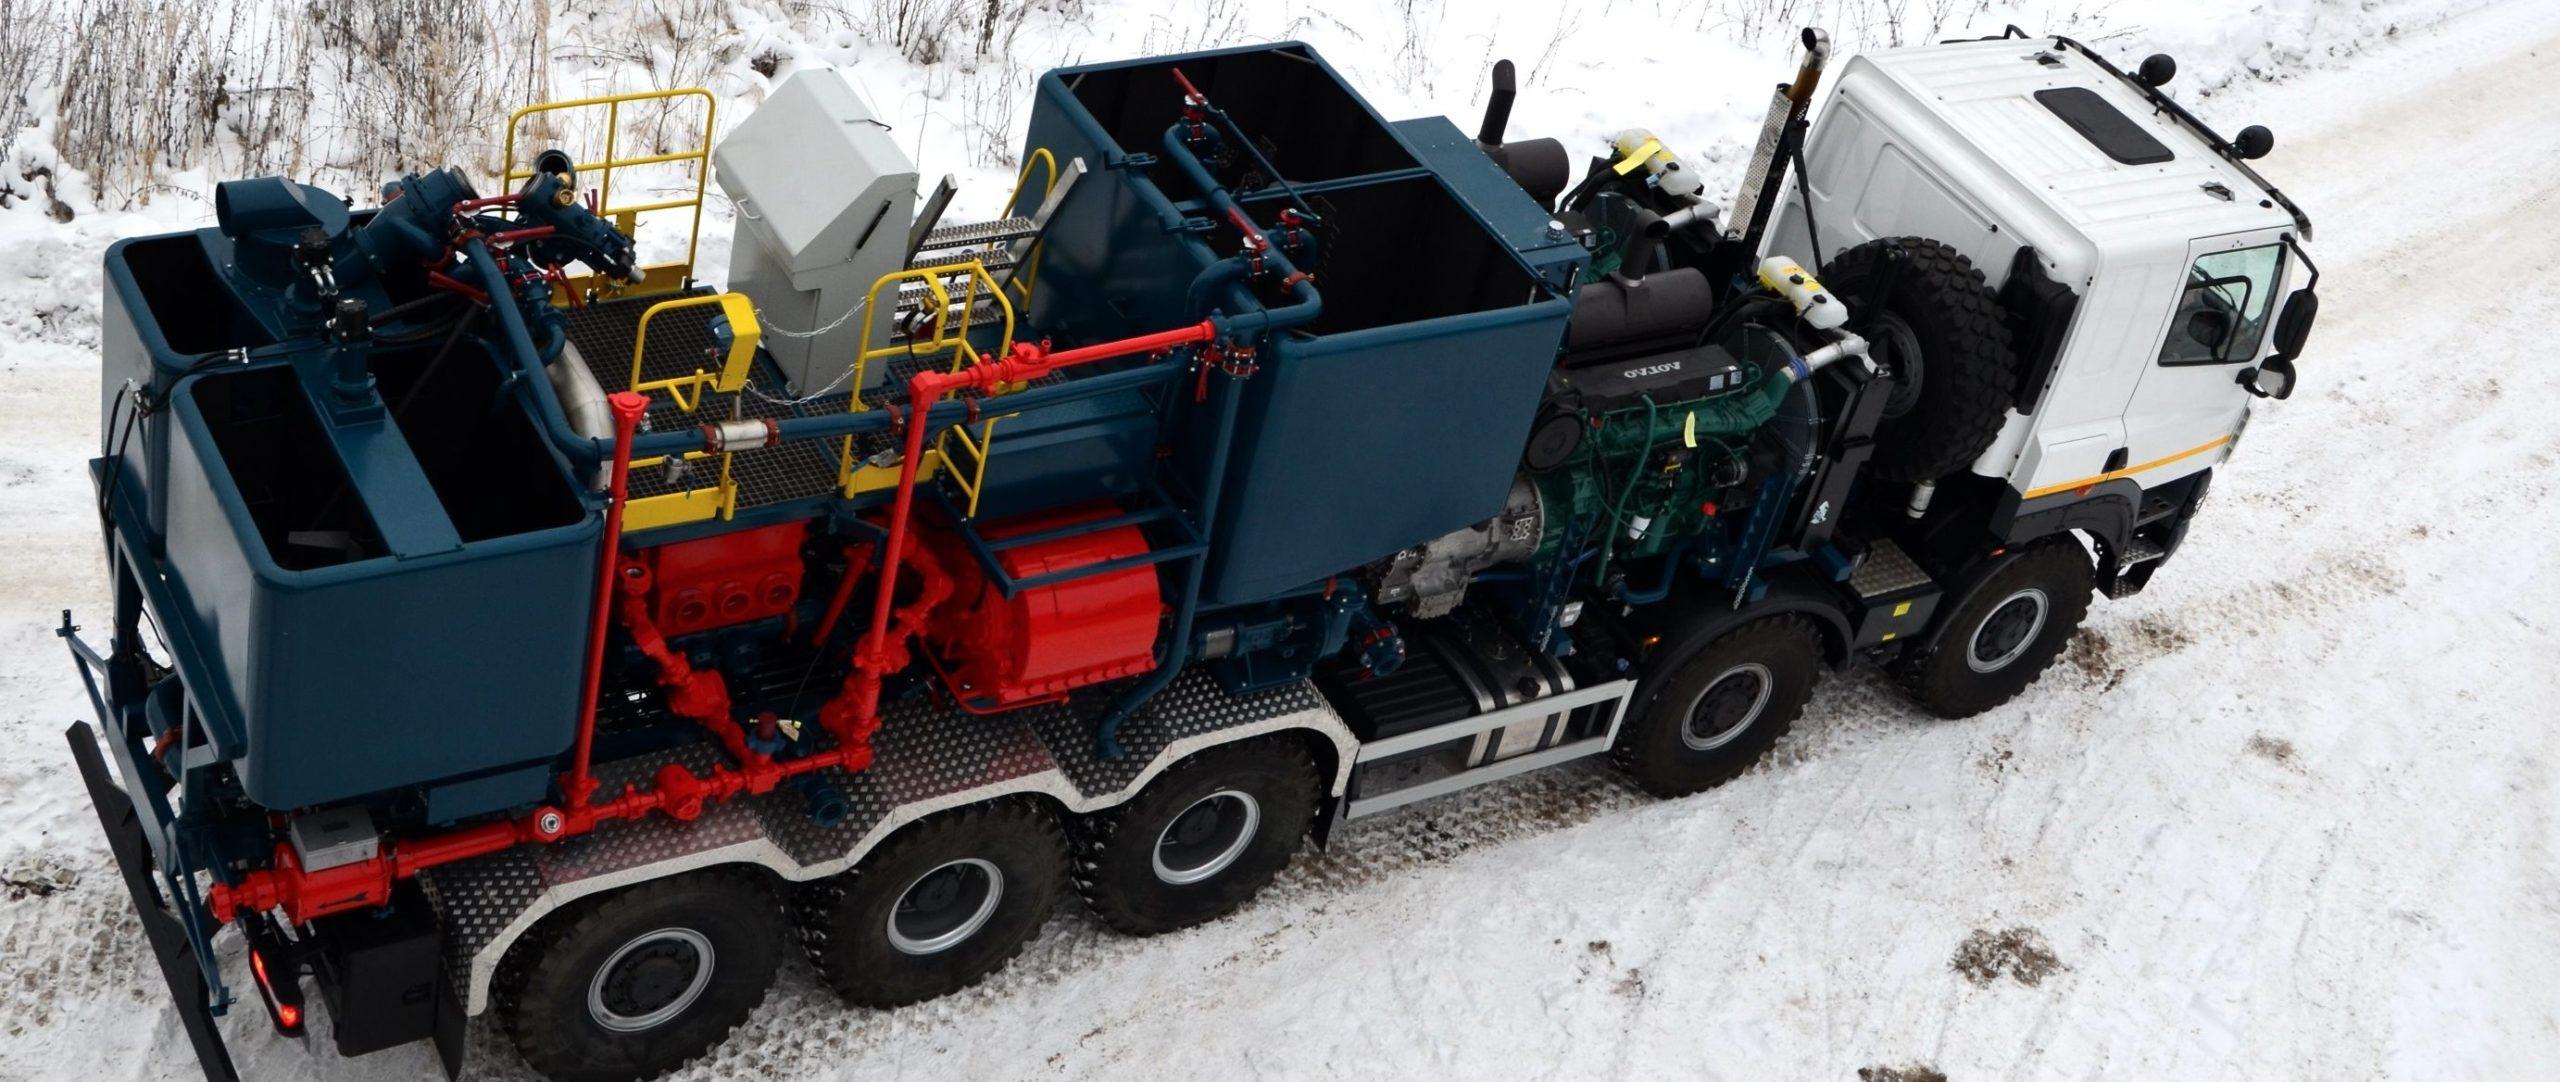 Машинист оборудования конвейерных и поточных линий профстандарт транспортер печать